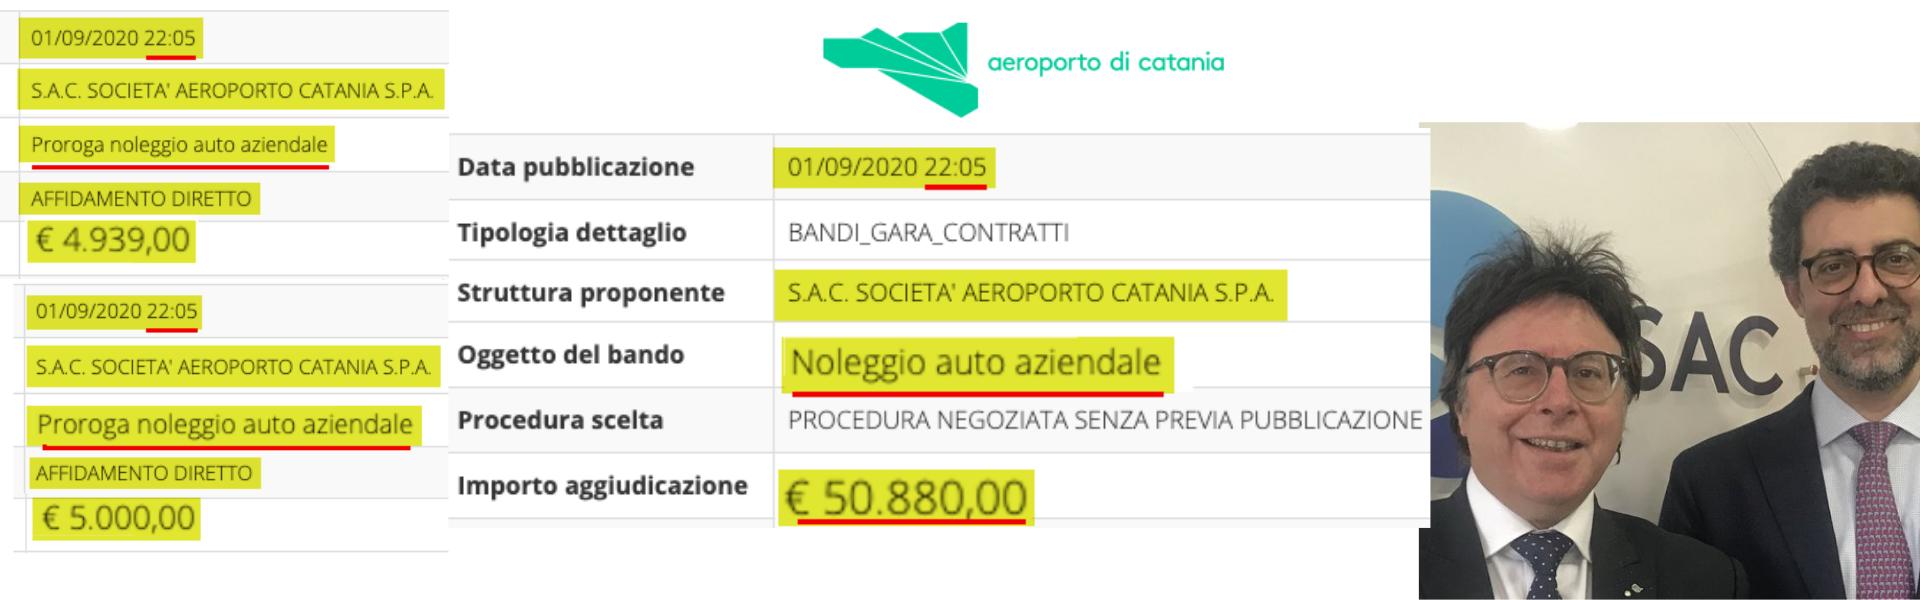 """SAC Aeroporto Catania: 50 mila euro per """"noleggio auto aziendale"""". E i dipendenti in cassa integrazione"""